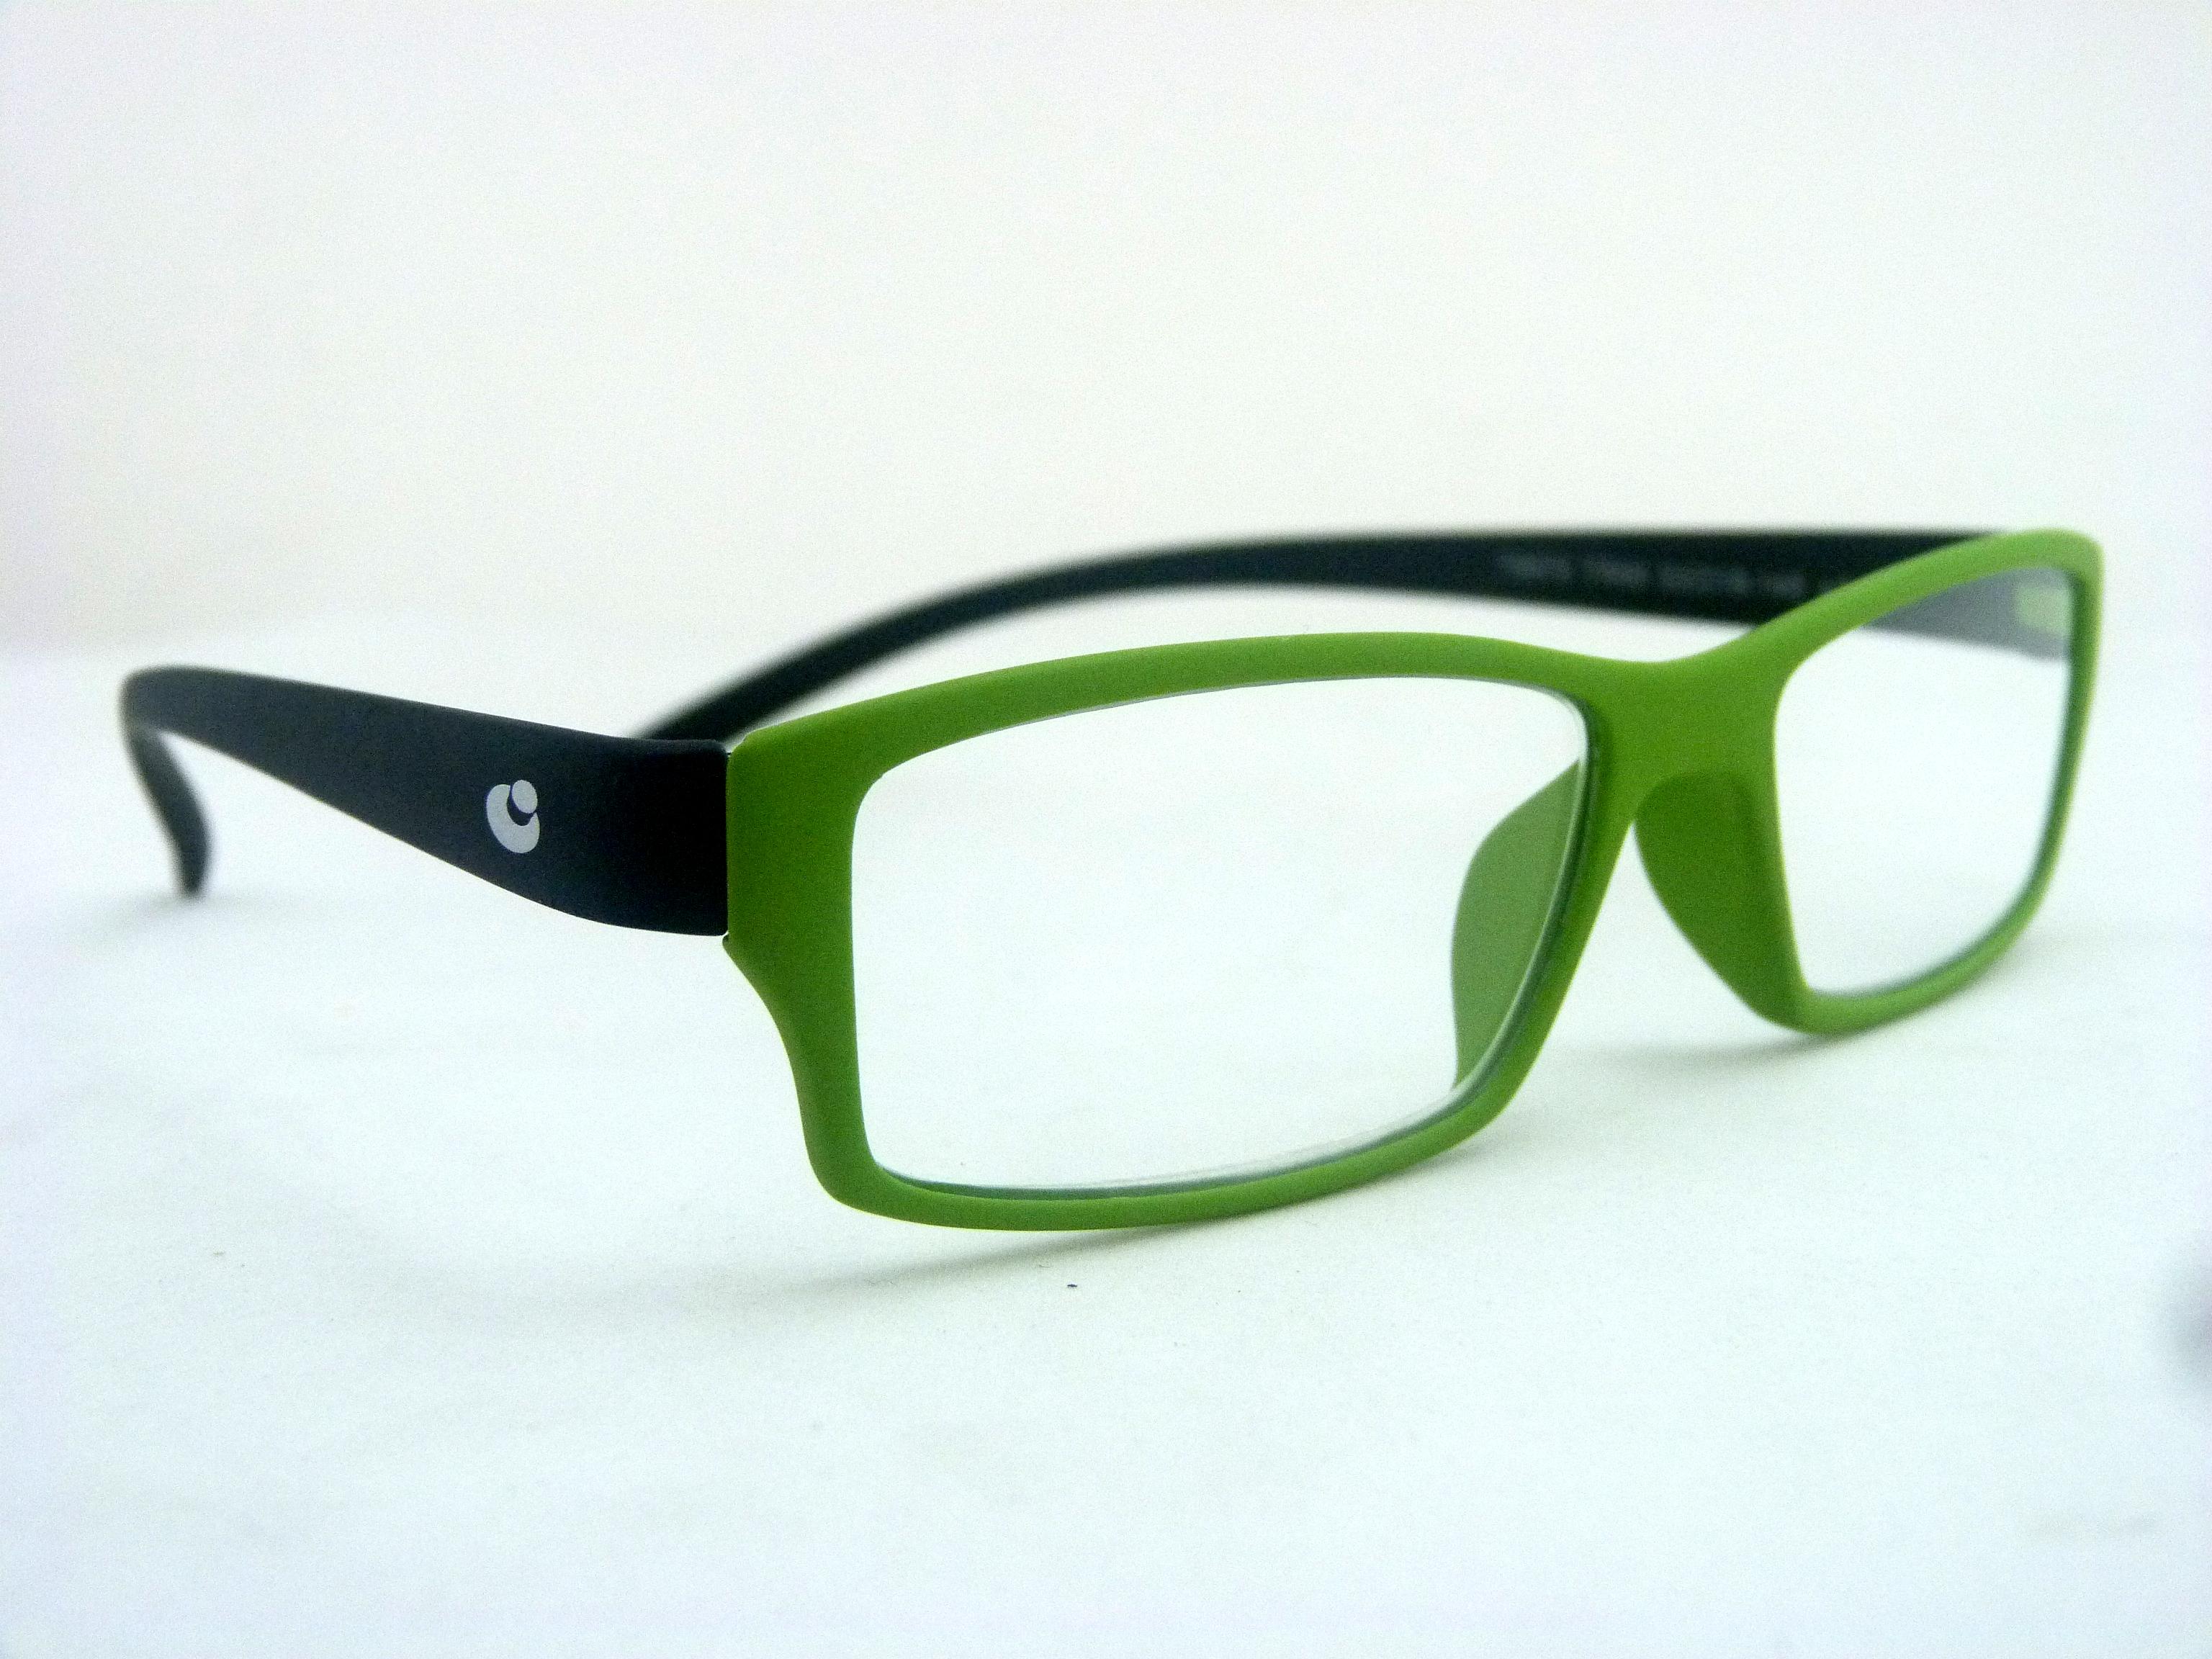 Óculos Leitura Rubber Colour Eco Verde/Pr +3,00 Mod 79978